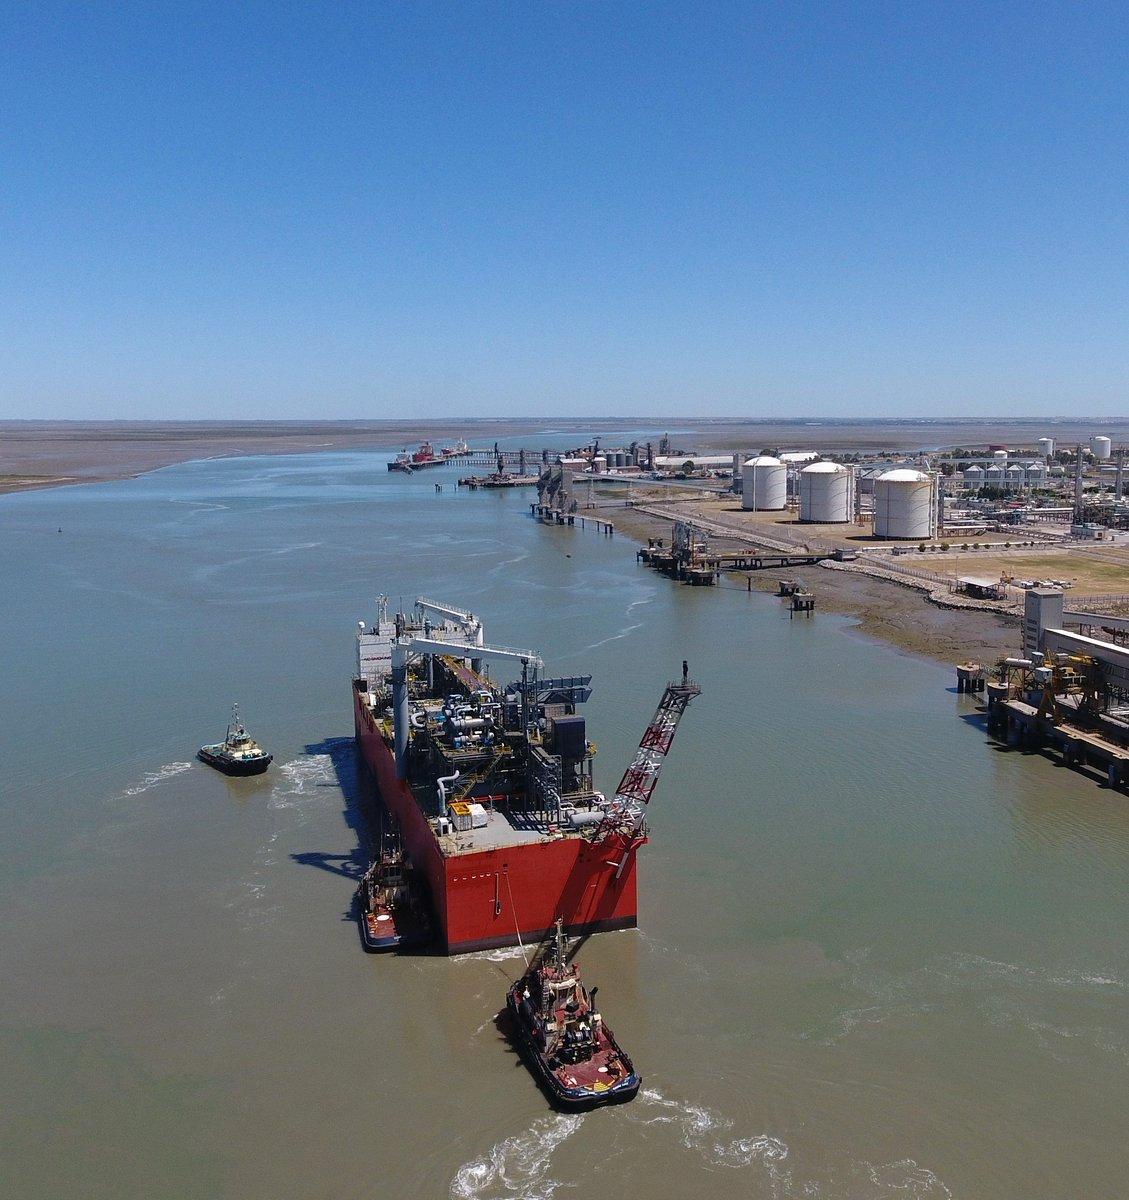 Ingreso a @cgpbb1993 de barcaza de @YPFoficial que va a convertir en gas natural licuado el producto de Vaca Muerta. 1er proyecto flotante de exportación de GNL en América Latina. La unidad tiene 144 m de eslora, 32 de manga y capacidad de almacenamiento de 16.100 m³ de GNL.